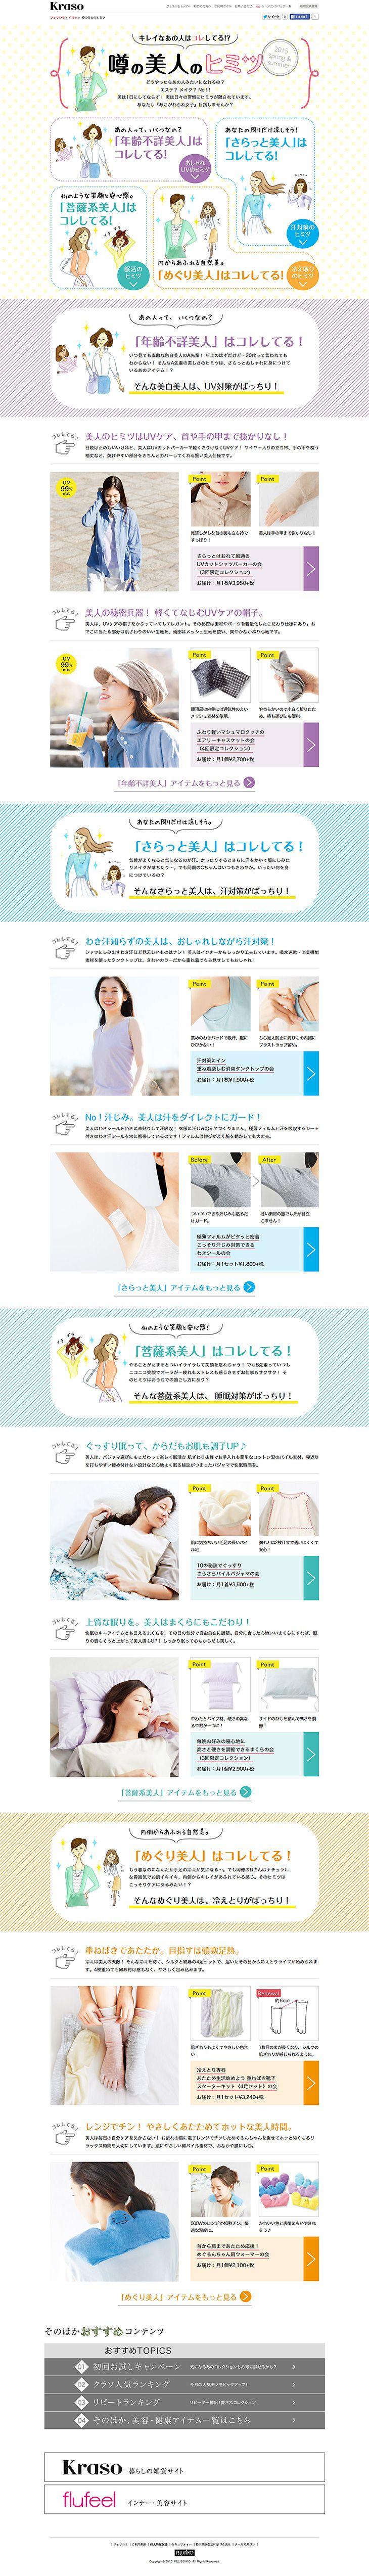 http://rdlp.jp/archives/otherdesign/lp/5521